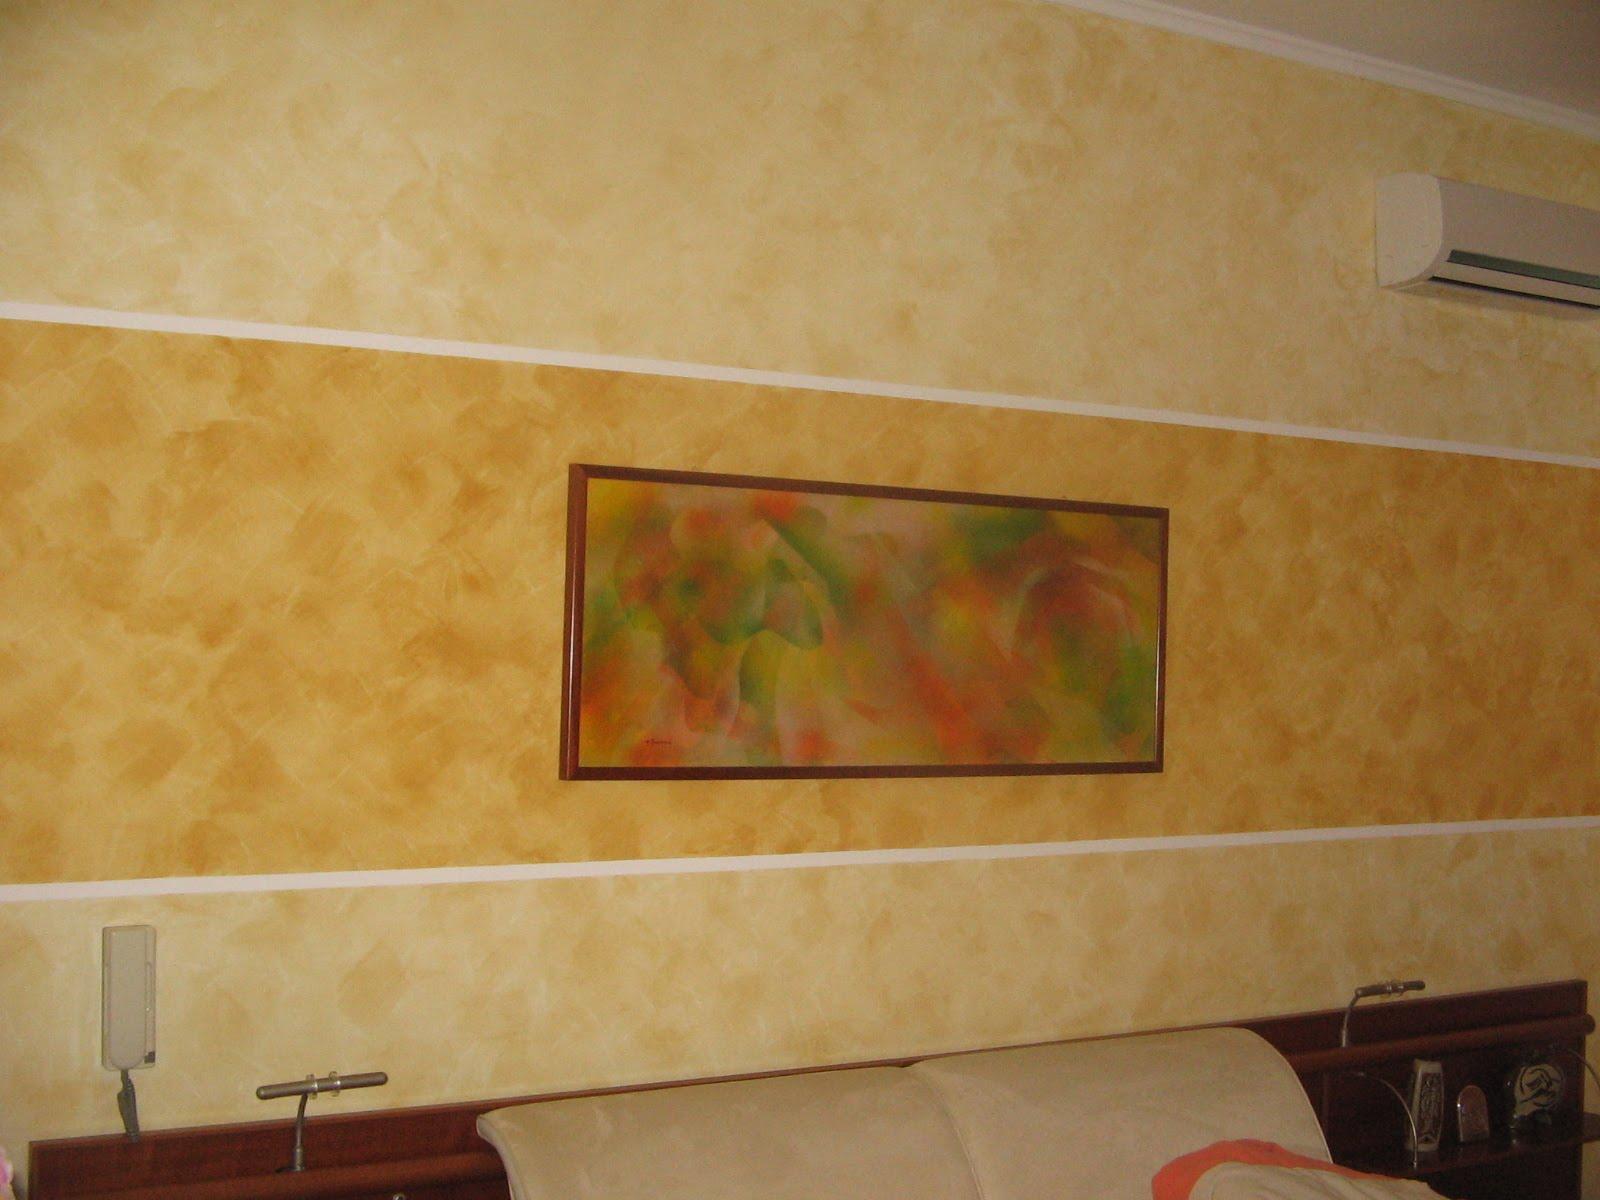 Lavori di pitturazione galleria for Leroy merlin pittura pareti